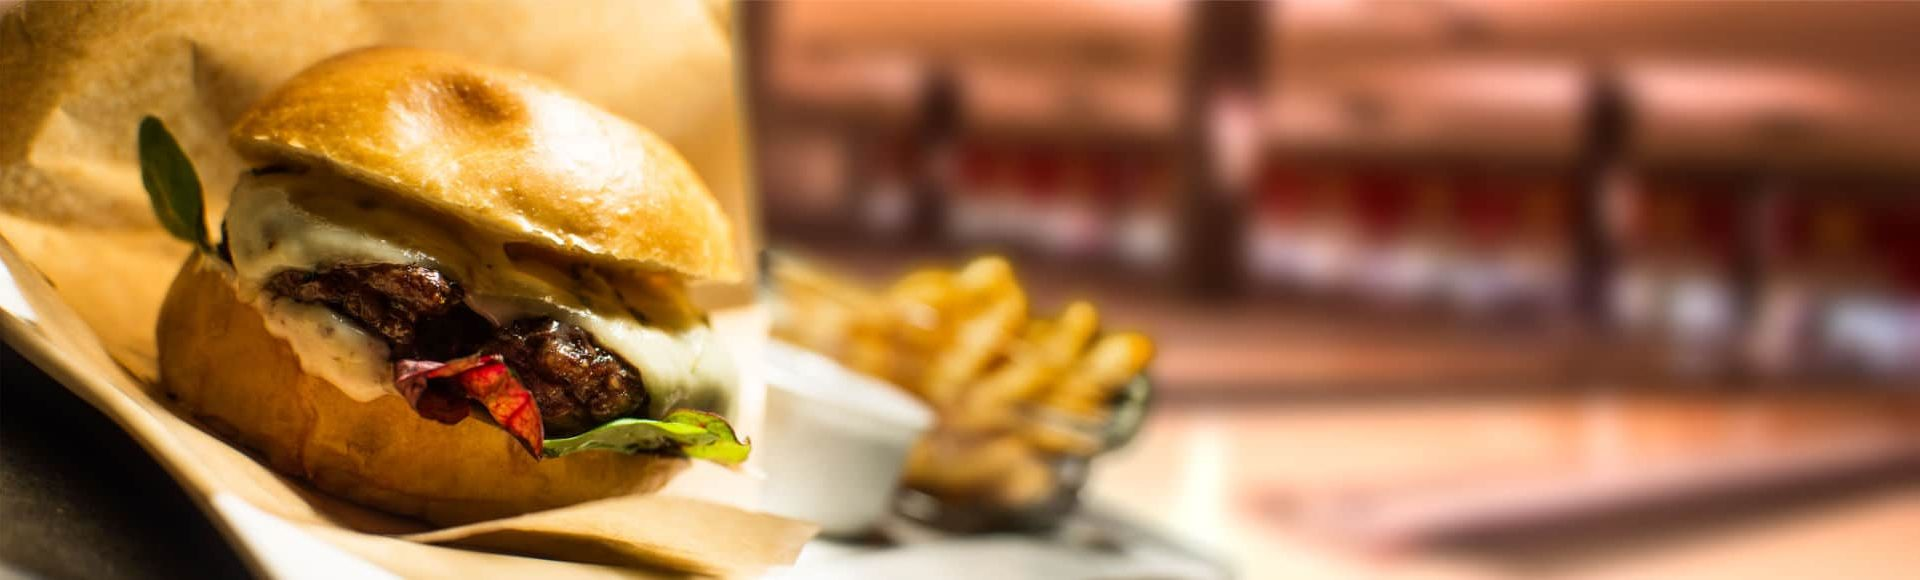 Hamburgare Odenplan - Bowl 'n' burger paketerbjudande